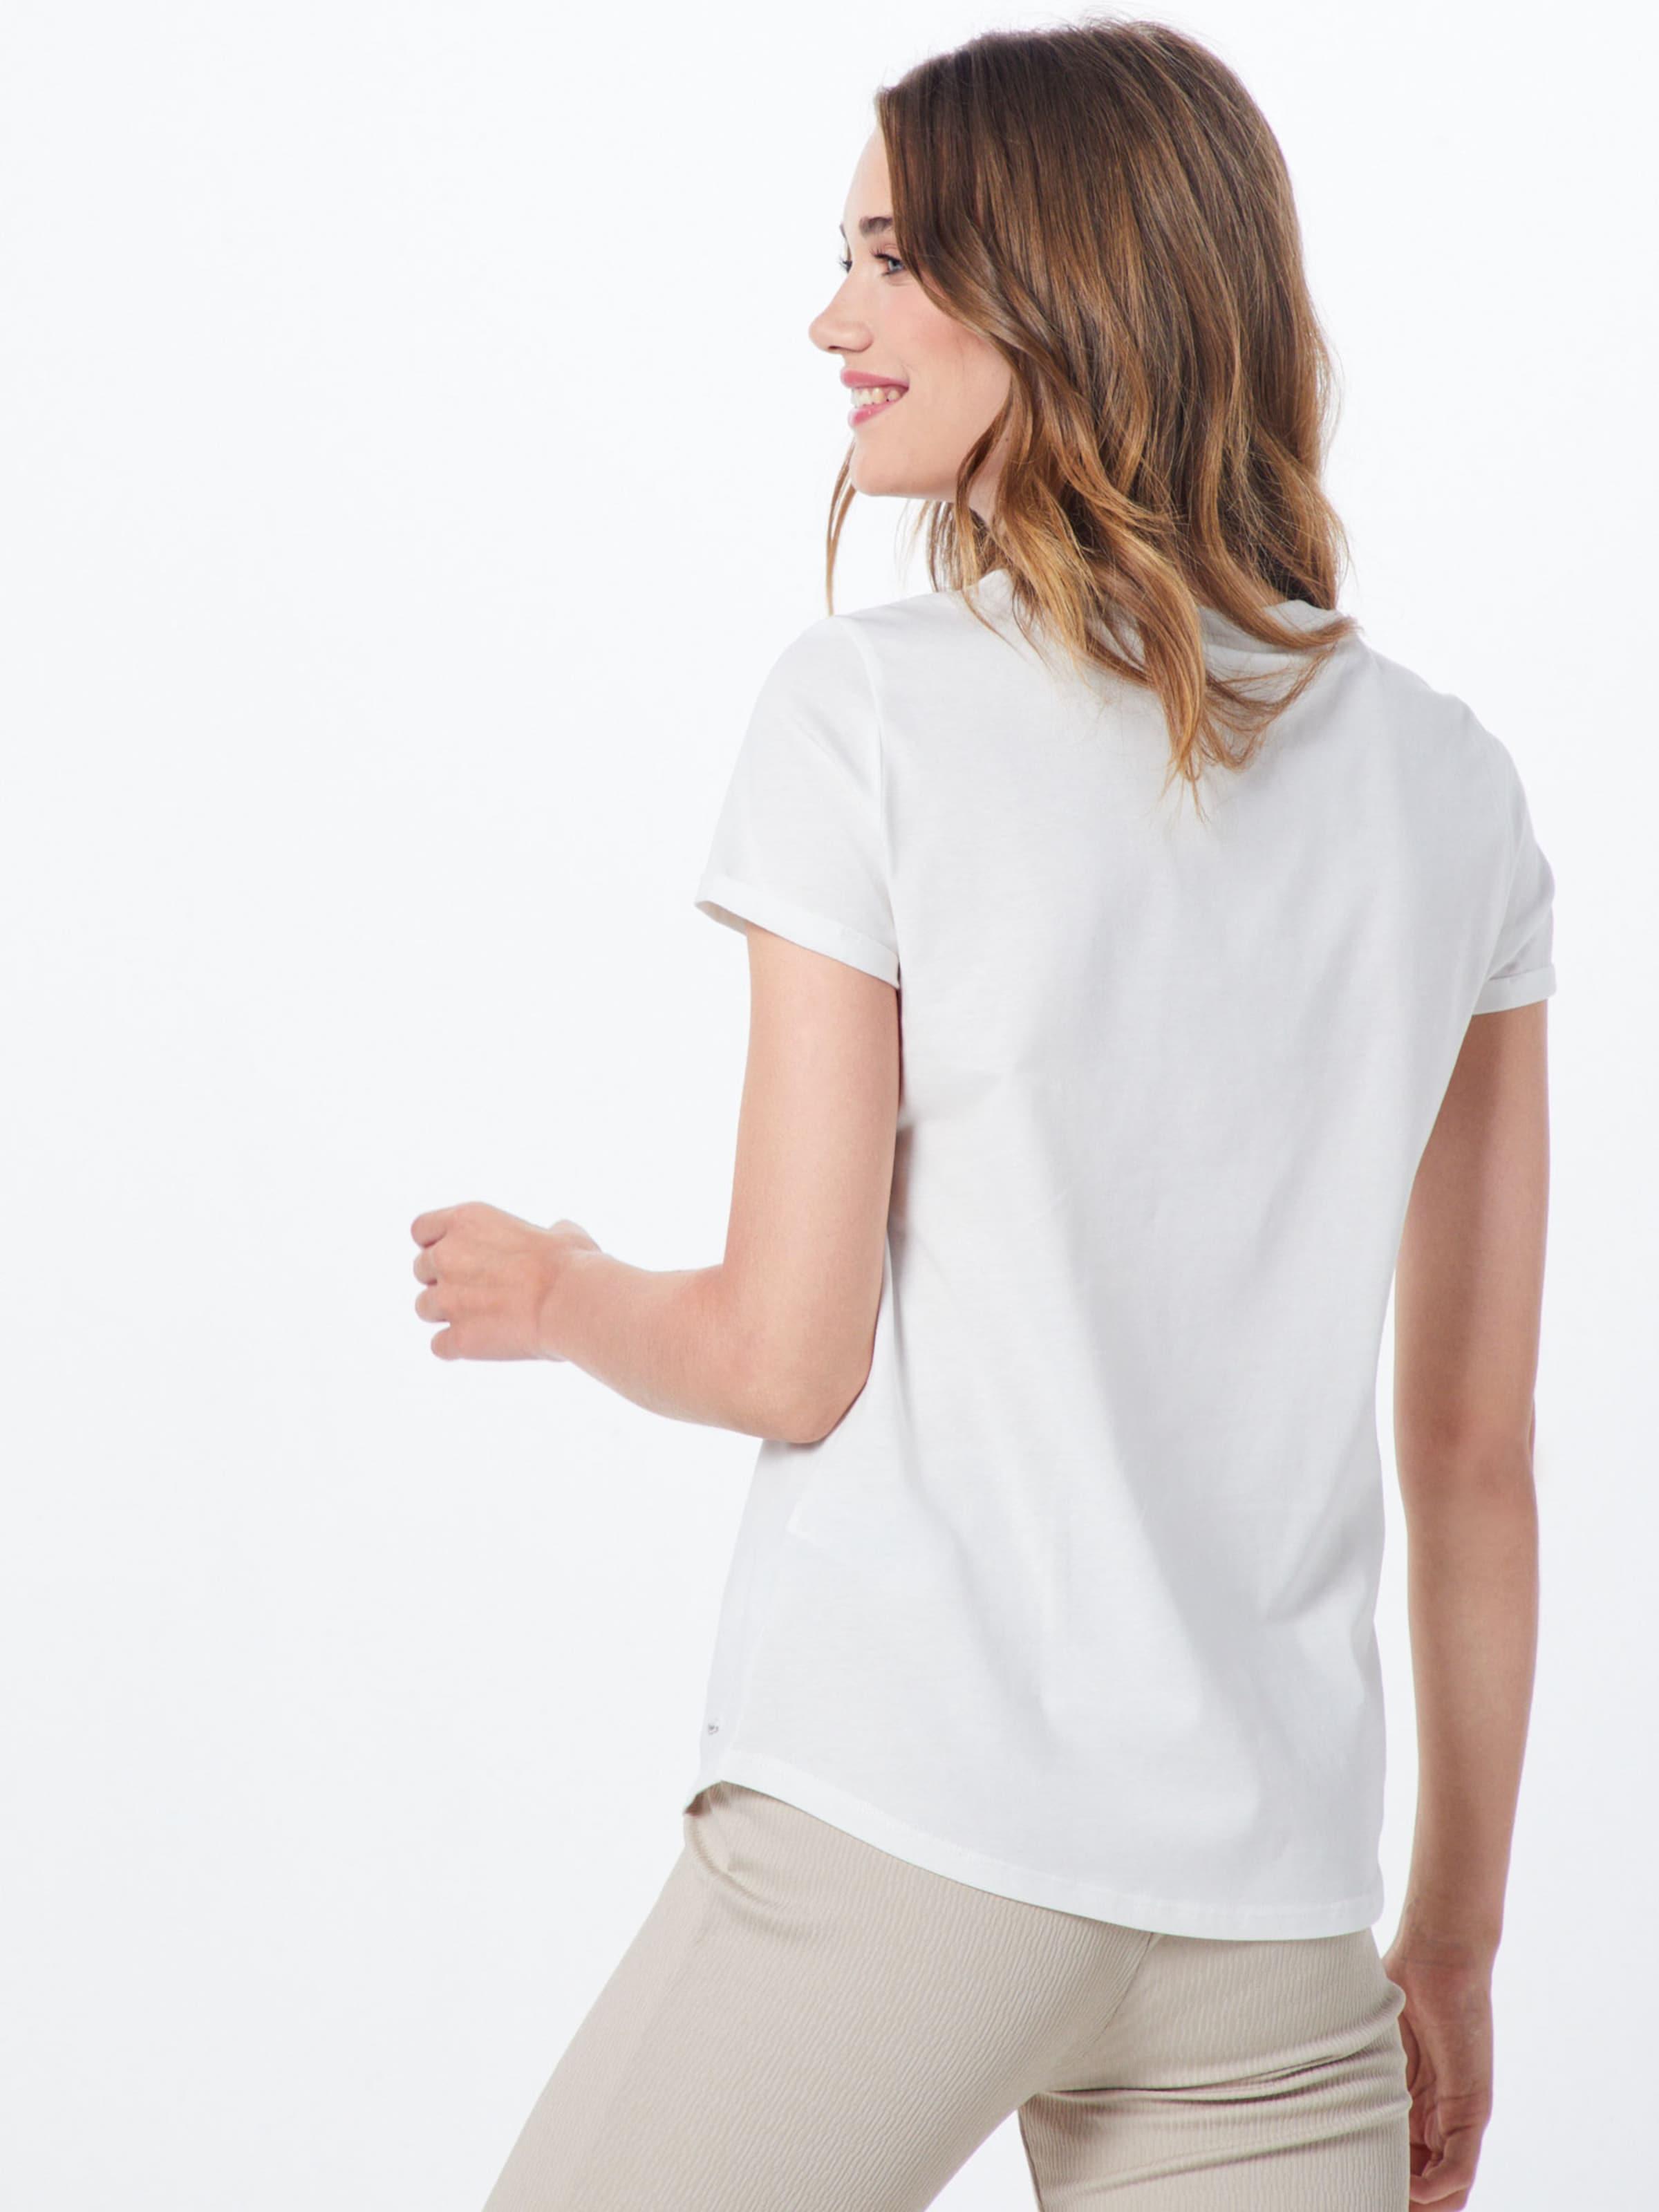 Denim shirt Tom T In Offwhite Tailor FJulKc3T1